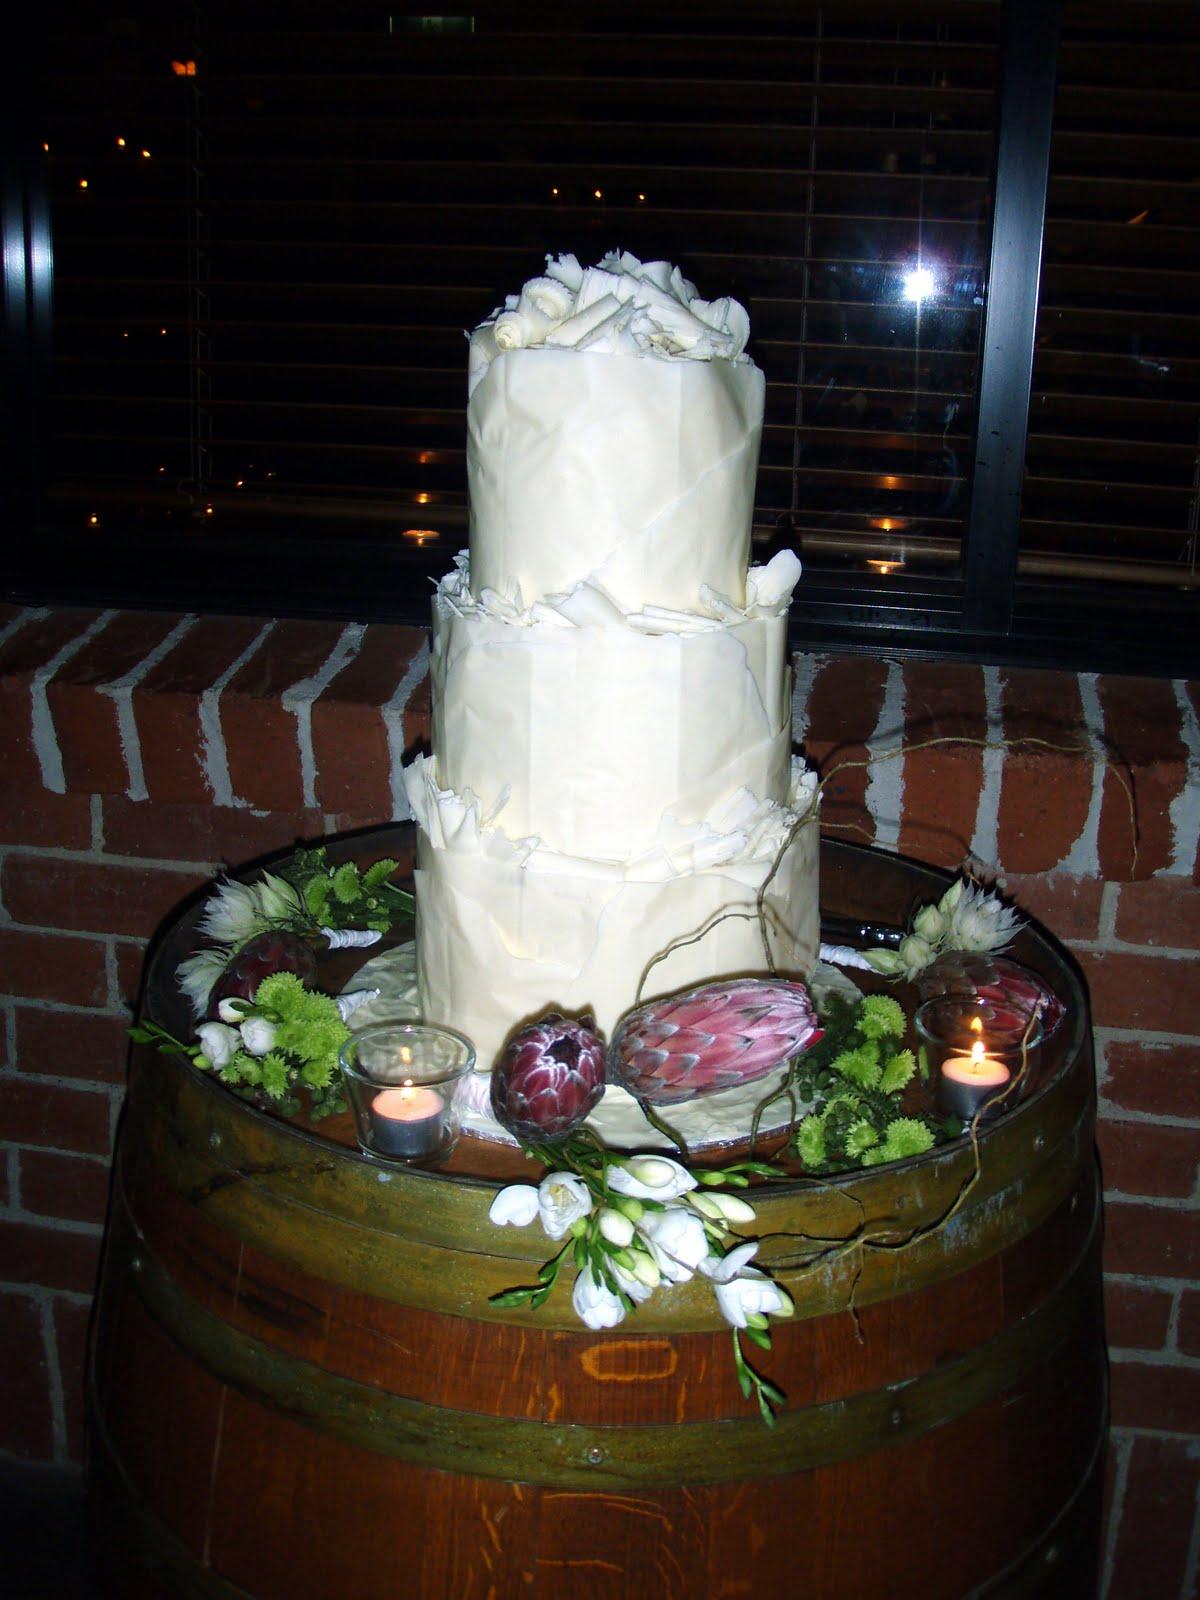 Caketopia White Chocolate Wrapped Wedding Cake